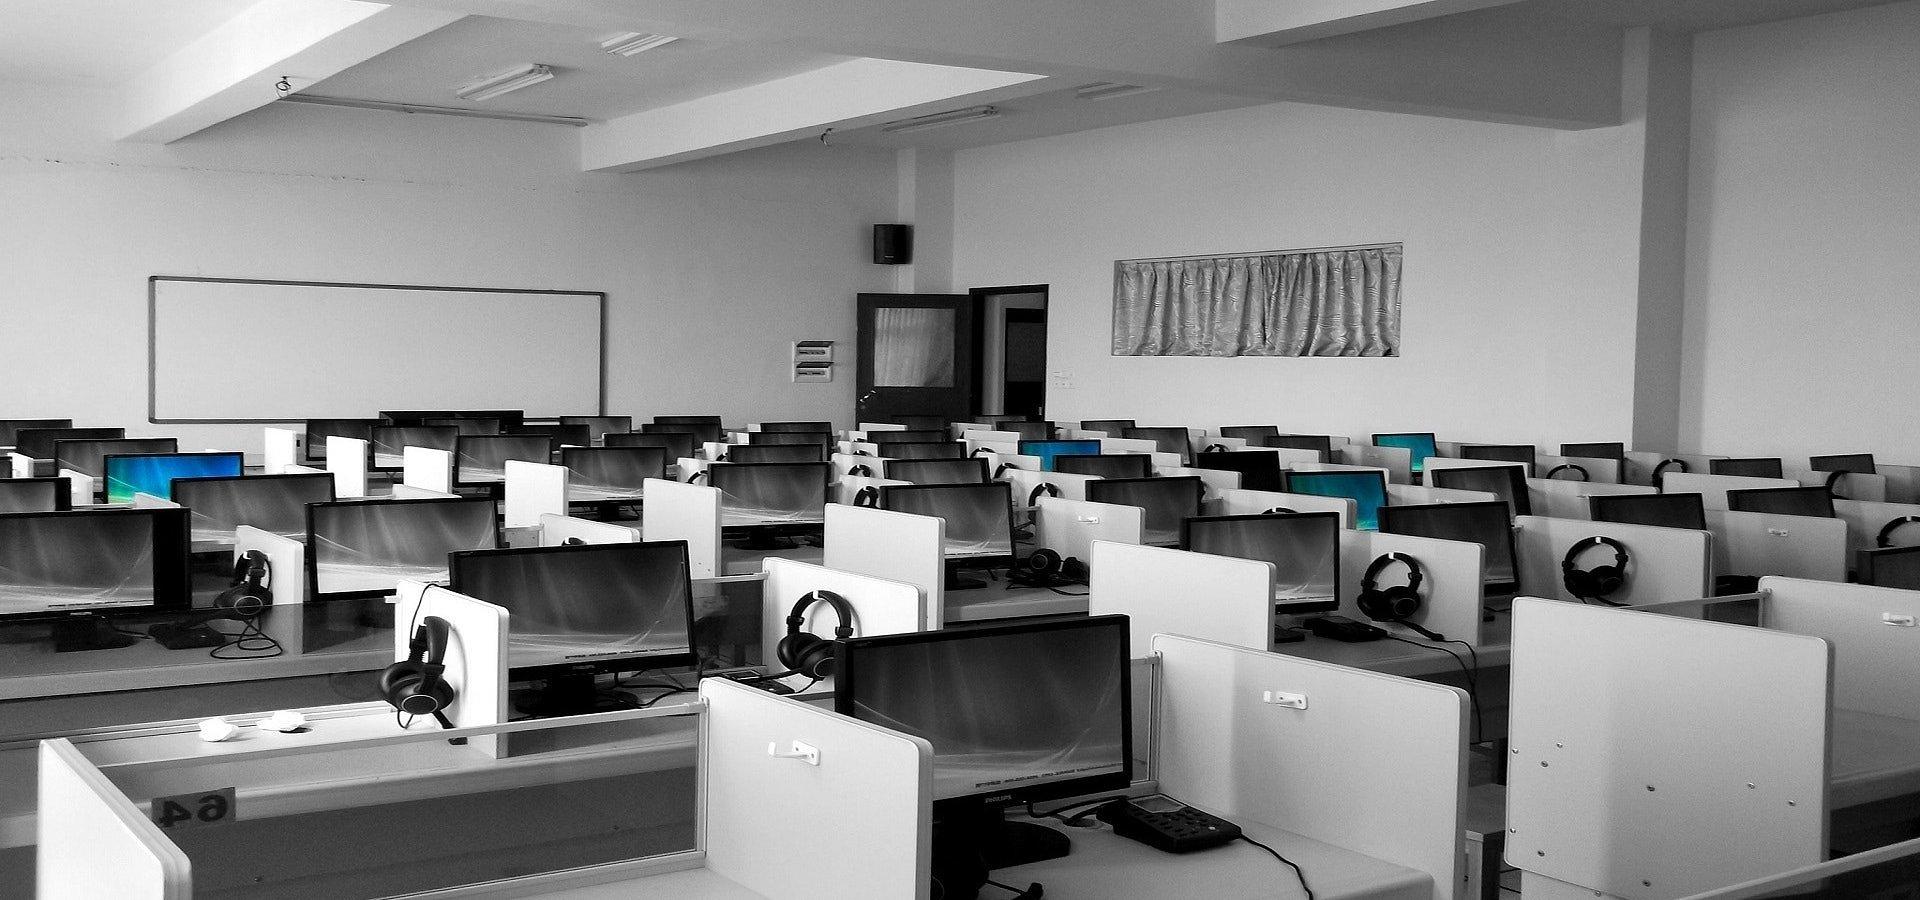 Jak pandemia zmieniła prognozy rekrutacyjne firm?